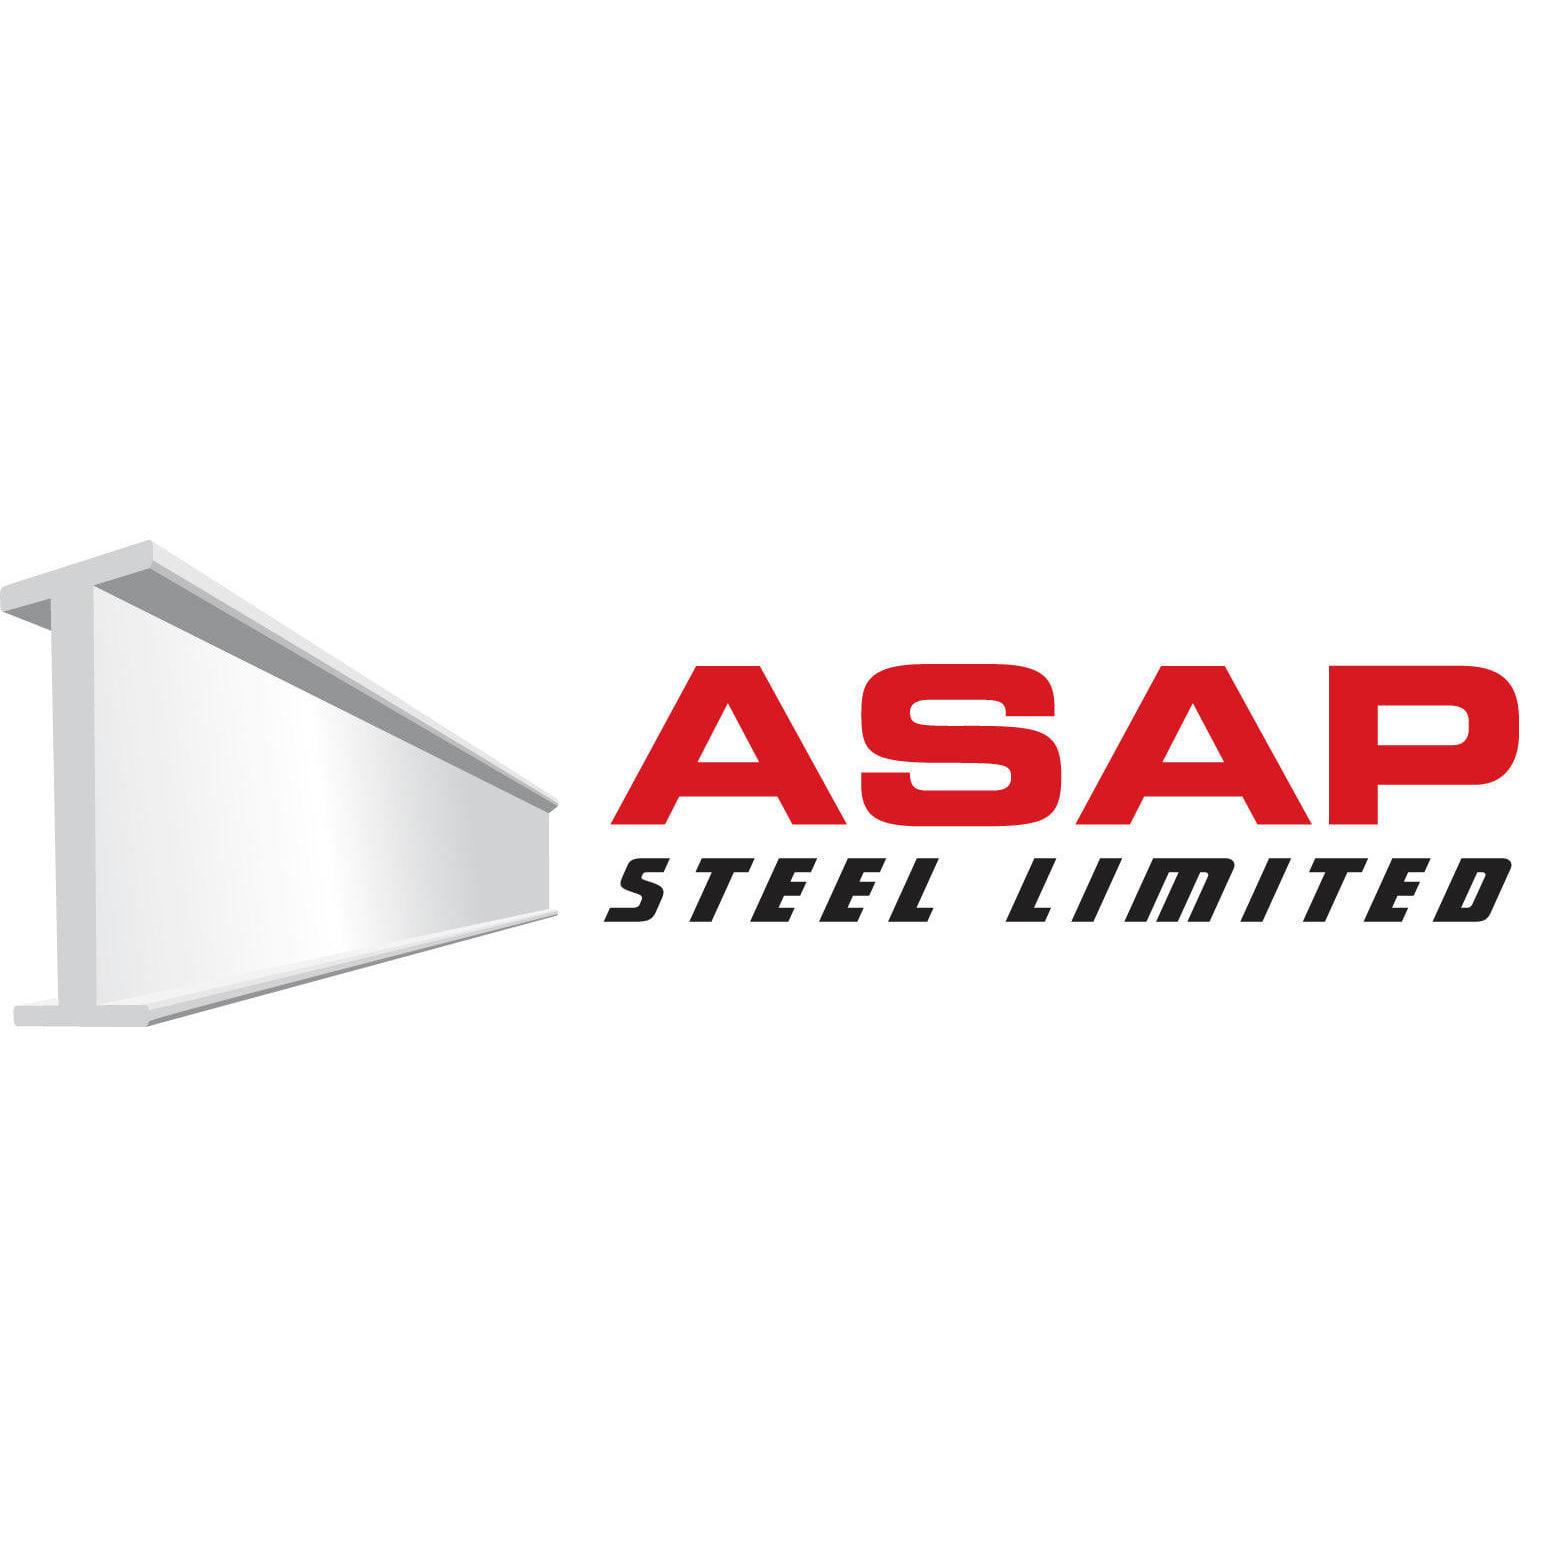 ASAP Steel Ltd - Ferndown, Dorset BH22 9AN - 01202 579026 | ShowMeLocal.com